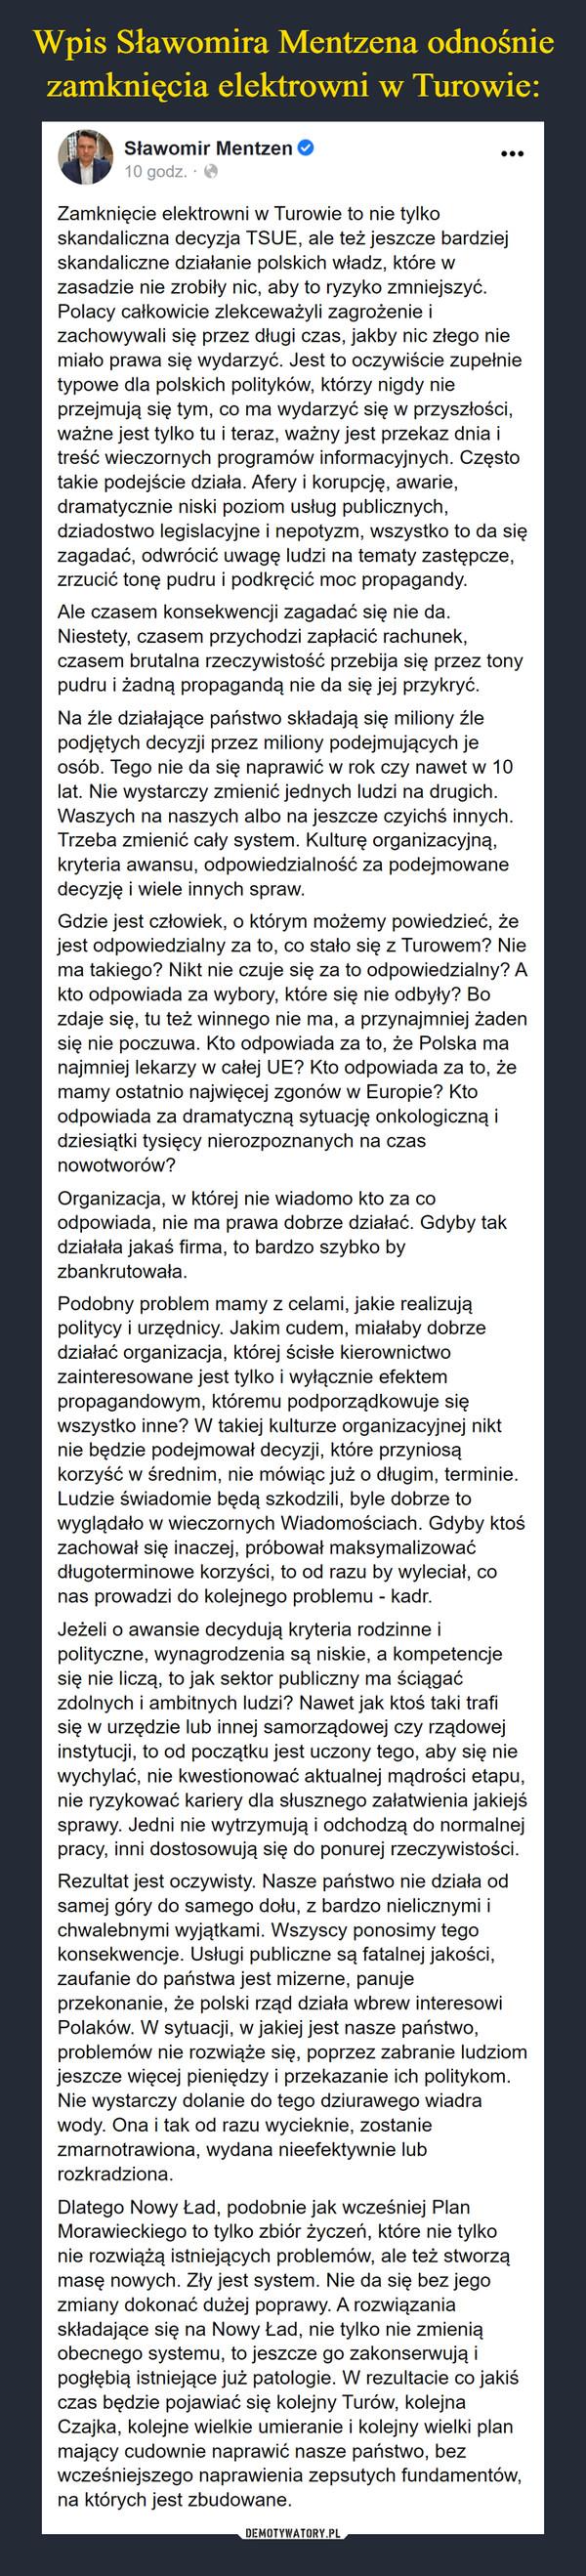 –  Wpis Sławomira Mentzena odnośniezamknięcia elektrowni w Turowie:Sławomir Mentzen O10 godz. · OZamknięcie elektrowni w Turowie to nie tylkoskandaliczna decyzja TSUE, ale też jeszcze bardziejskandaliczne działanie polskich władz, które wzasadzie nie zrobiły nic, aby to ryzyko zmniejszyć.Polacy całkowicie zlekceważyli zagrożenie izachowywali się przez długi czas, jakby nic złego niemiało prawa się wydarzyć. Jest to oczywiście zupełnietypowe dla polskich polityków, którzy nigdy nieprzejmują się tym, co ma wydarzyć się w przyszłości,ważne jest tylko tu i teraz, ważny jest przekaz dnia itreść wieczornych programów informacyjnych. Częstotakie podejście działa. Afery i korupcję, awarie,dramatycznie niski poziom usług publicznych,dziadostwo legislacyjne i nepotyzm, wszystko to da sięzagadać, odwrócić uwagę ludzi na tematy zastępcze,zrzucić tonę pudru i podkręcić moc propagandy.Ale czasem konsekwencji zagadać się nie da.Niestety, czasem przychodzi zapłacić rachunek,czasem brutalna rzeczywistość przebija się przez tonypudru i żadną propagandą nie da się jej przykryć.Na źle działające państwo składają się miliony źlepodjętych decyzji przez miliony podejmujących jeosób. Tego nie da się naprawić w rok czy nawet w 10lat. Nie wystarczy zmienić jednych ludzi na drugich.Waszych na naszych albo na jeszcze czyichś innych.Trzeba zmienić cały system. Kulturę organizacyjną,kryteria awansu, odpowiedzialność za podejmowanedecyzję i wiele innych spraw.Gdzie jest człowiek, o którym możemy powiedzieć, żejest odpowiedzialny za to, co stało się z Turowem? Niema takiego? Nikt nie czuje się za to odpowiedzialny? Akto odpowiada za wybory, które się nie odbyły? Bozdaje się, tu też winnego nie ma, a przynajmniej żadensię nie poczuwa. Kto odpowiada za to, że Polska manajmniej lekarzy w całej UE? Kto odpowiada za to, żemamy ostatnio najwięcej zgonóww Europie? Ktoodpowiada za dramatyczną sytuację onkologiczną idziesiątki tysięcy nierozpoznanych na czasnowotworów?Organizacja, w której nie wiadomo kto 